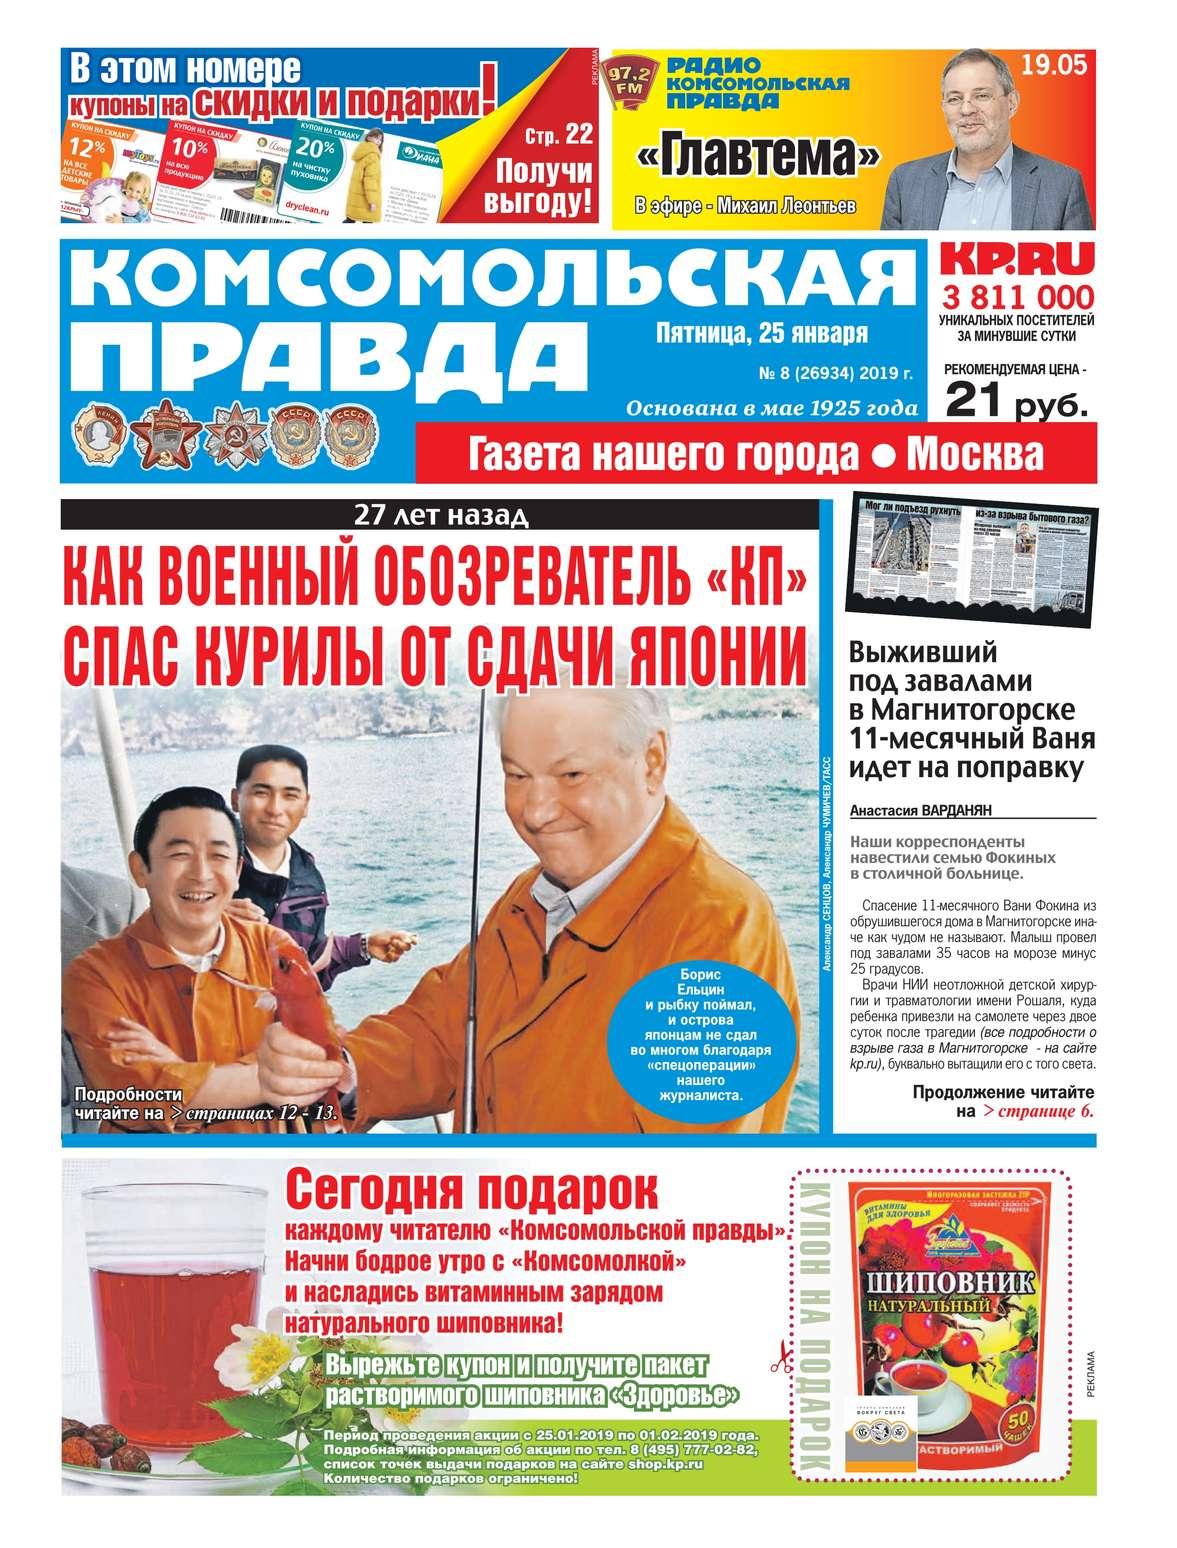 Комсомольская Правда. Москва 08-2019